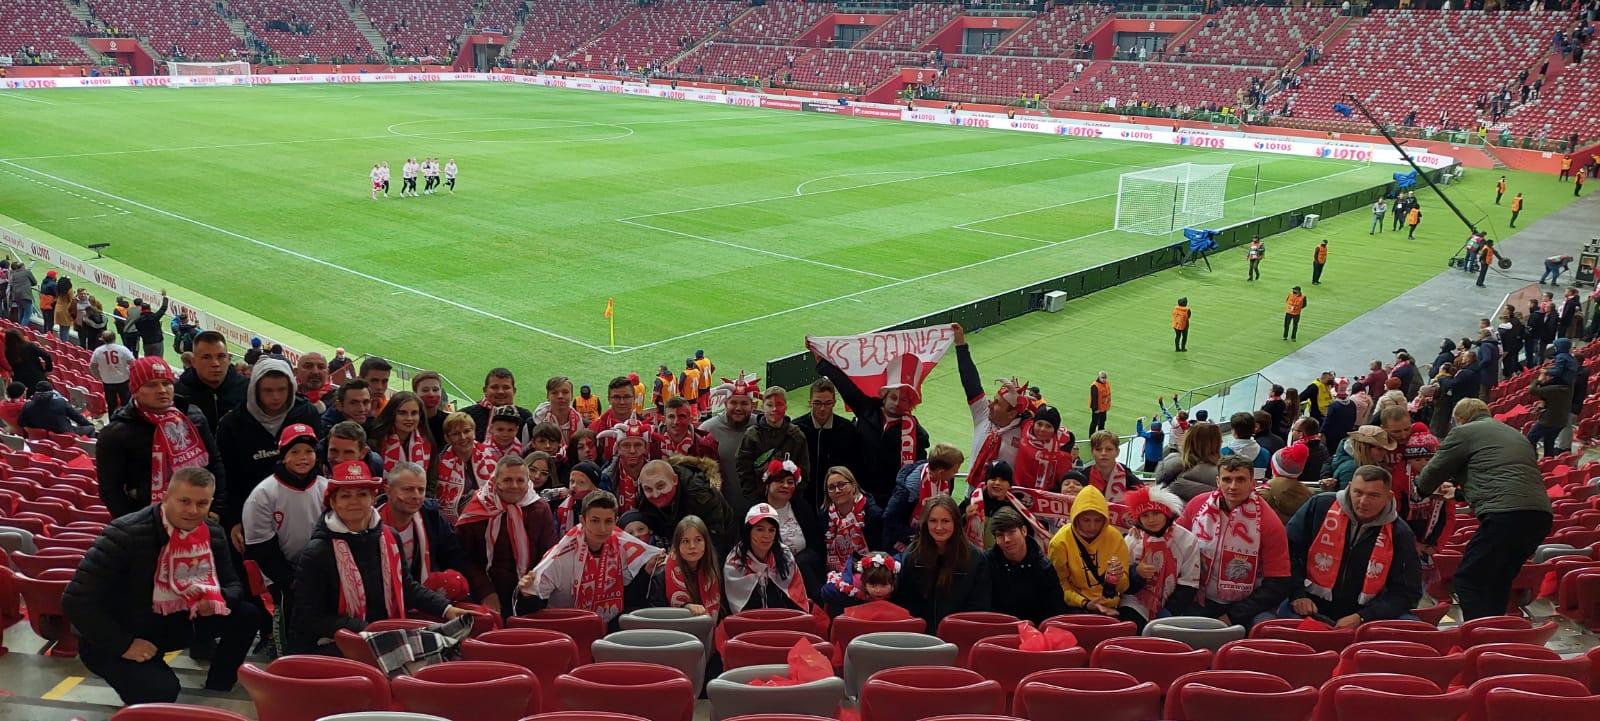 Wspólne zdjęcie klubu na stadionie podczas meczu